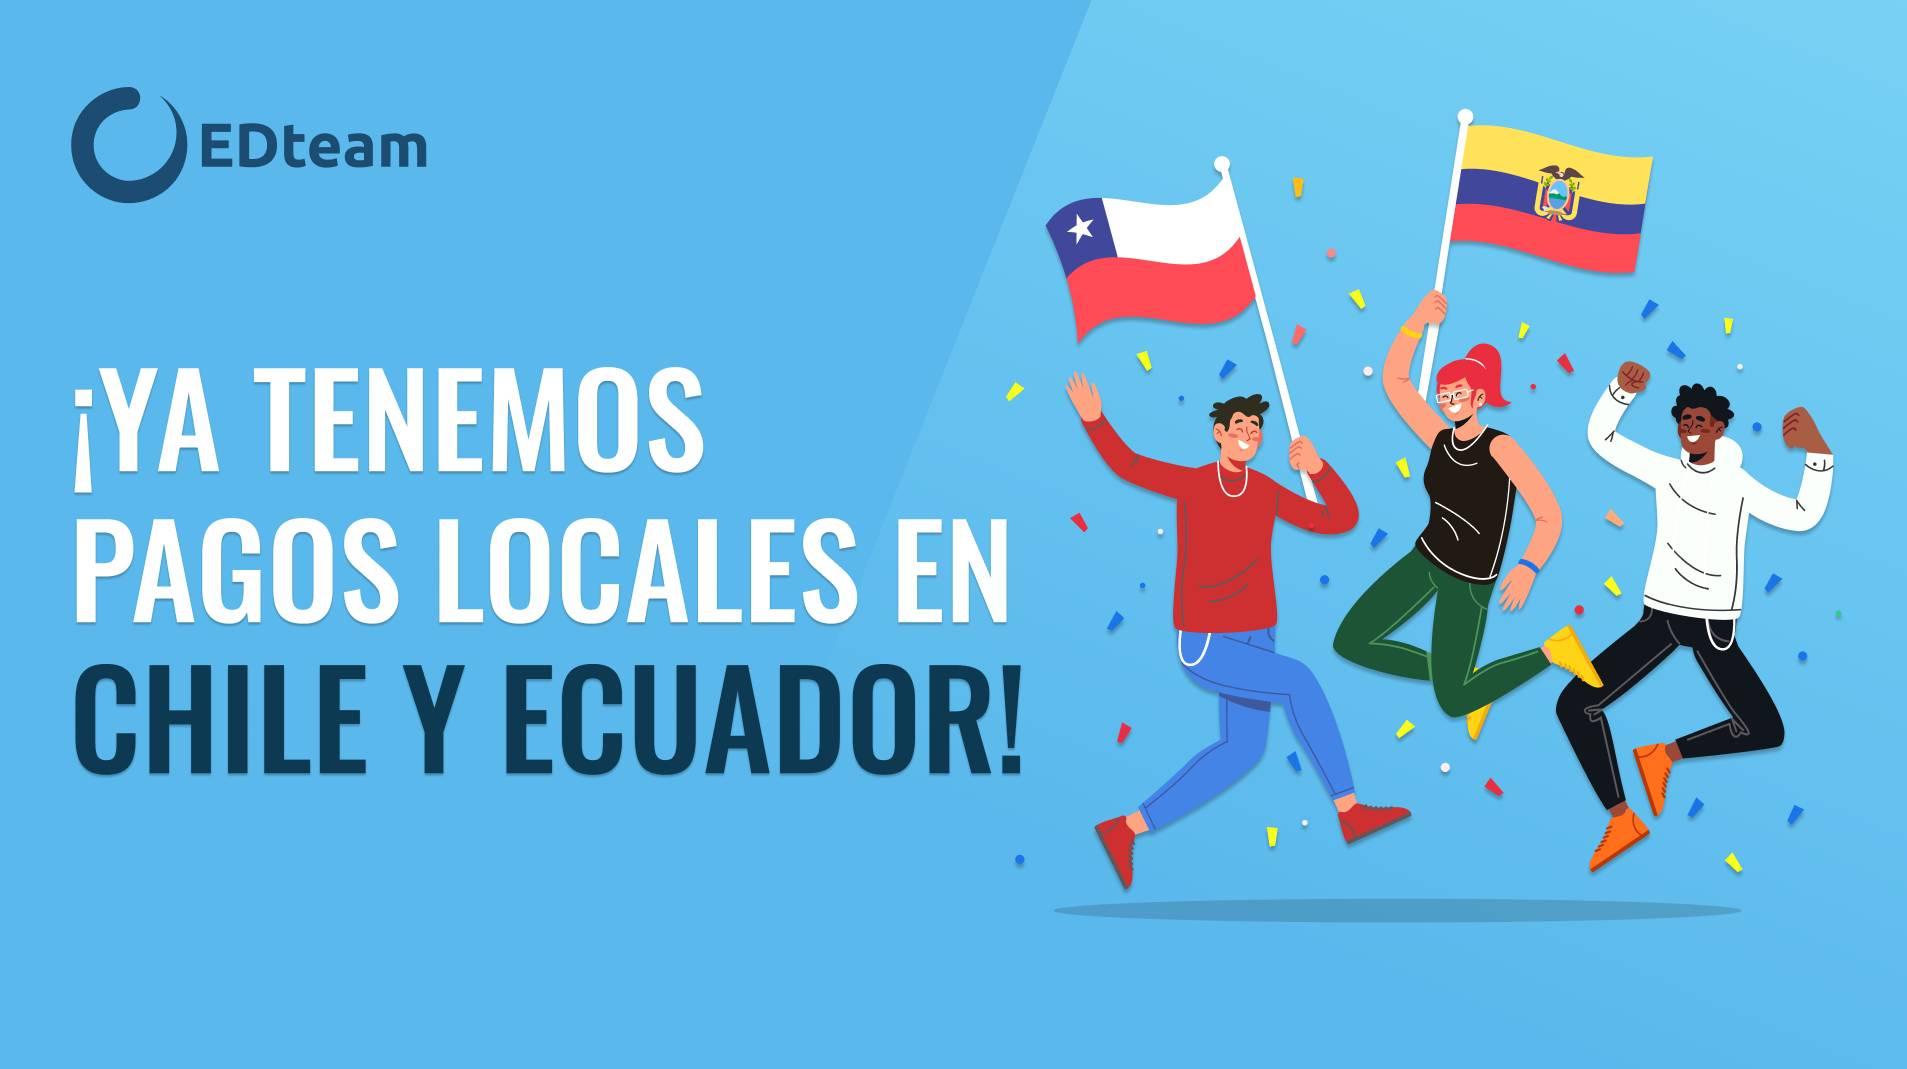 ¡Los pagos locales llegaron a Chile y Ecuador!